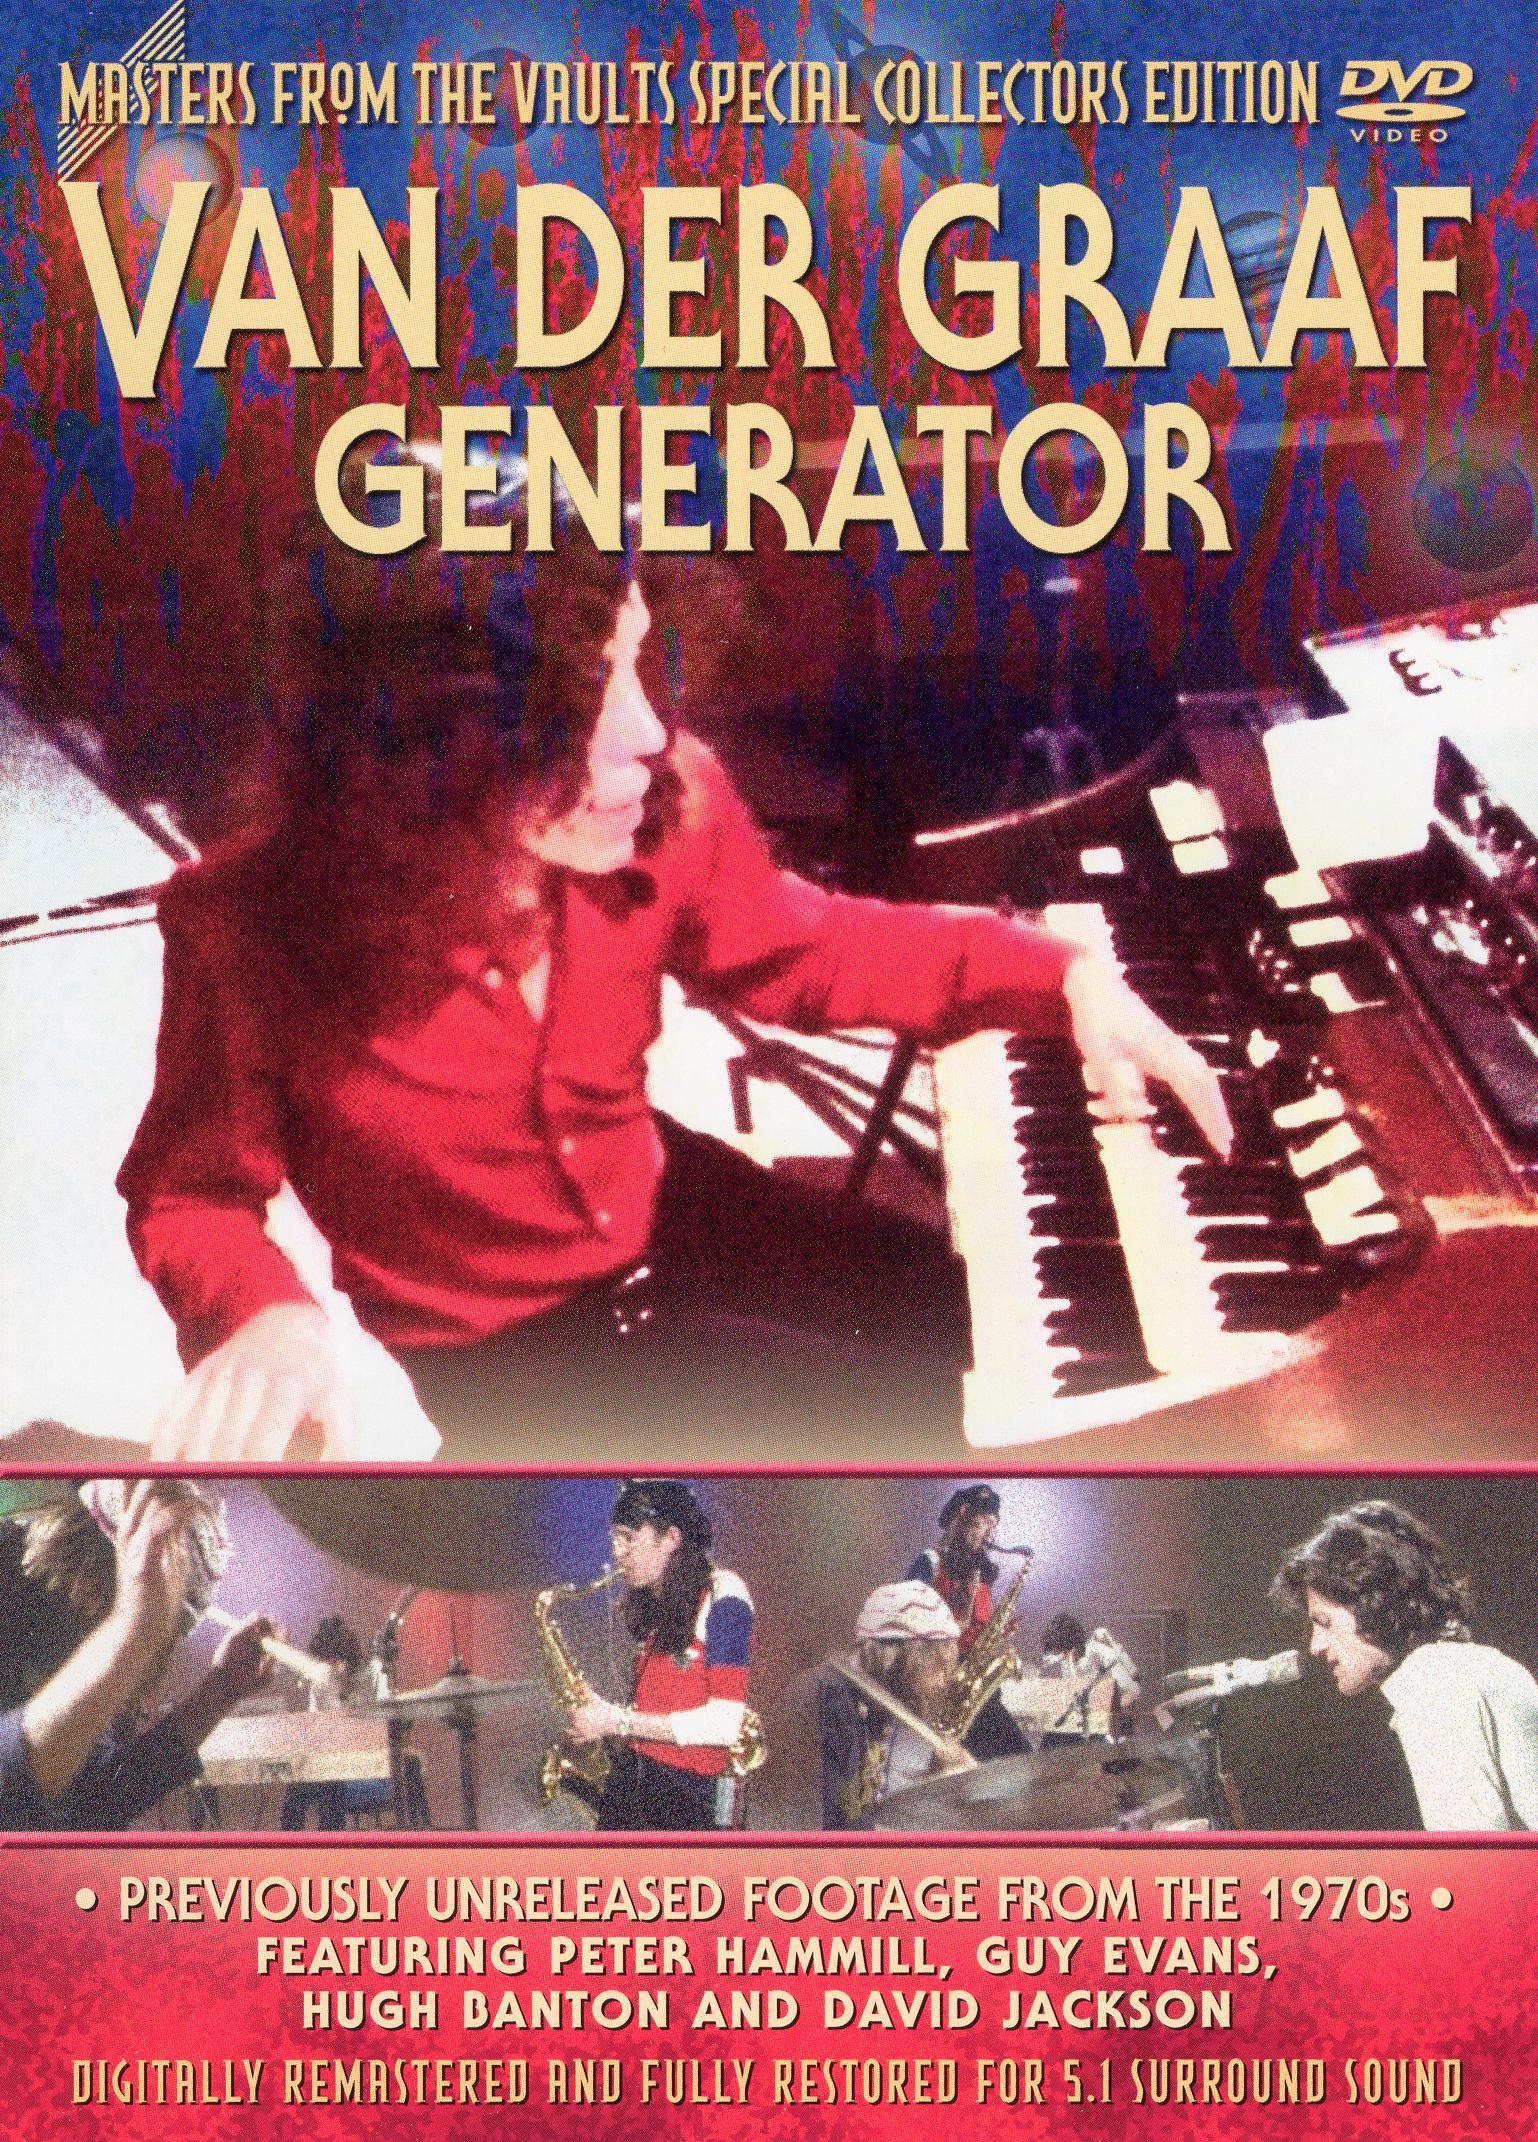 Masters From the Vaults: Van Der Graaf Generator